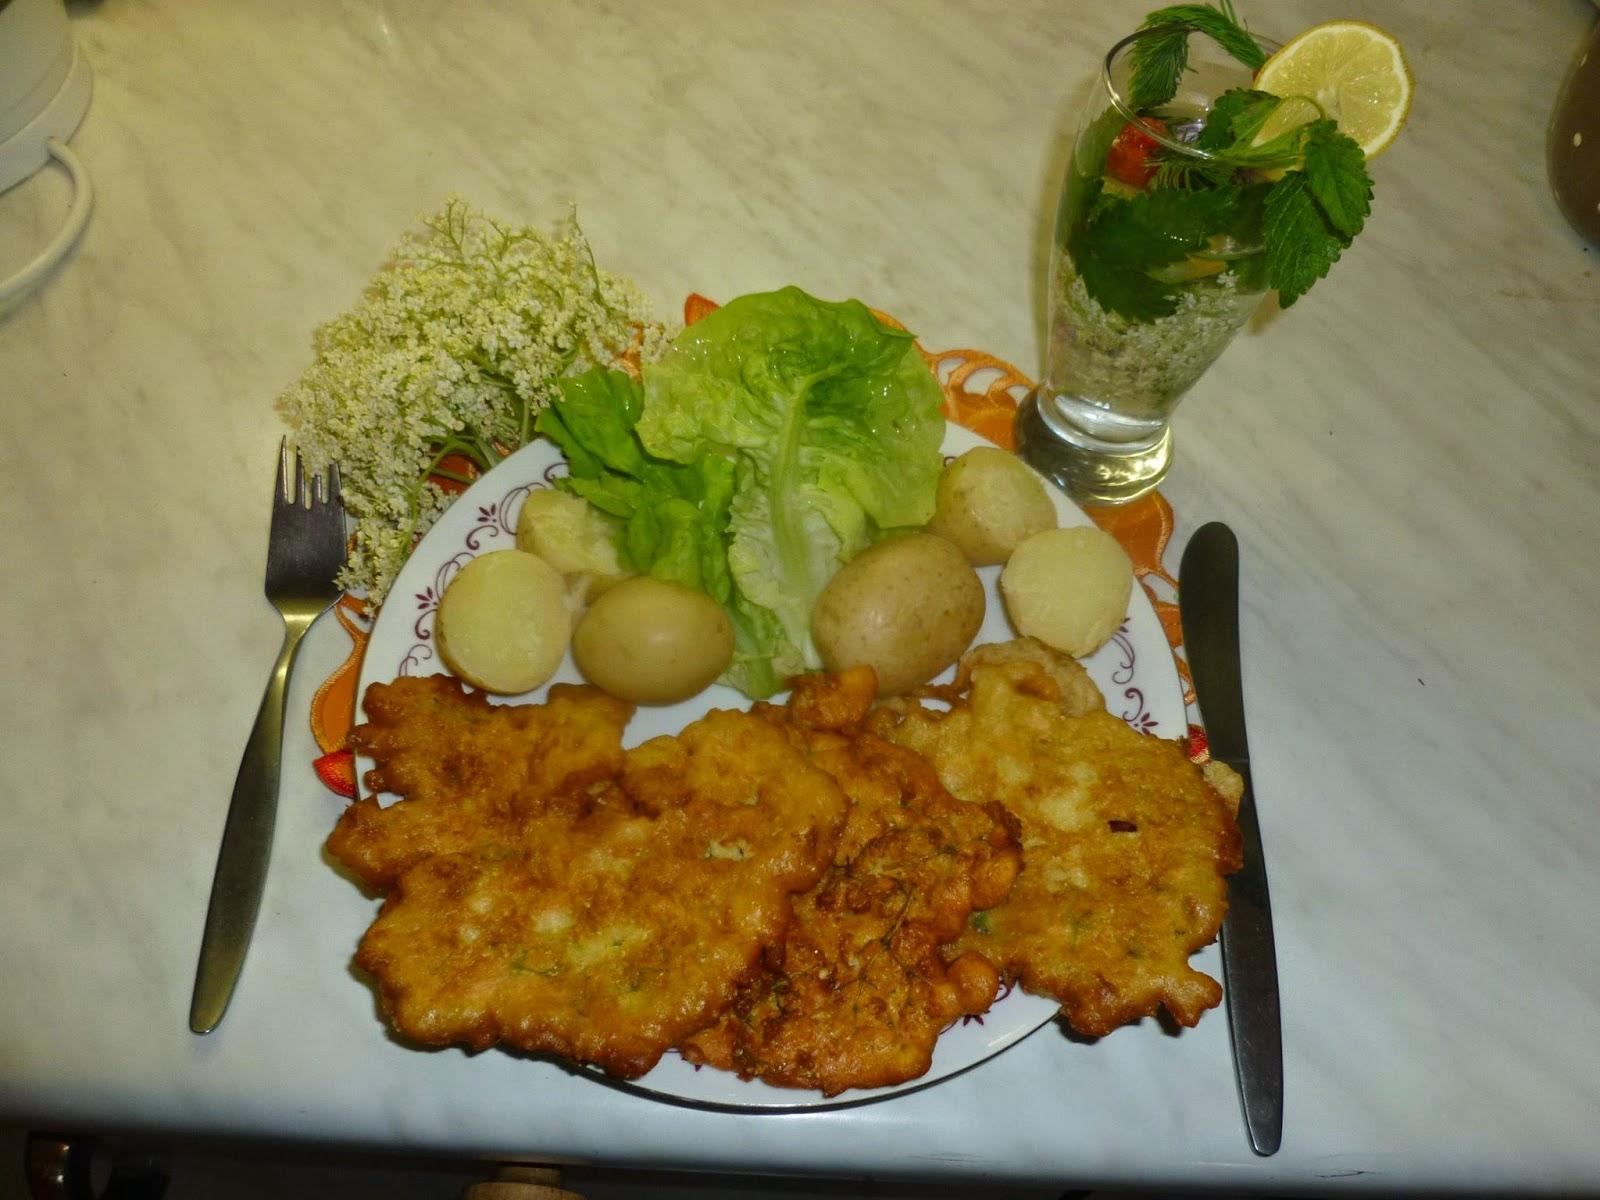 NAŠE KUCHYNĚ: Kosmatice Ke zdravému pití zdravý oběd květy bezu v těstíčku